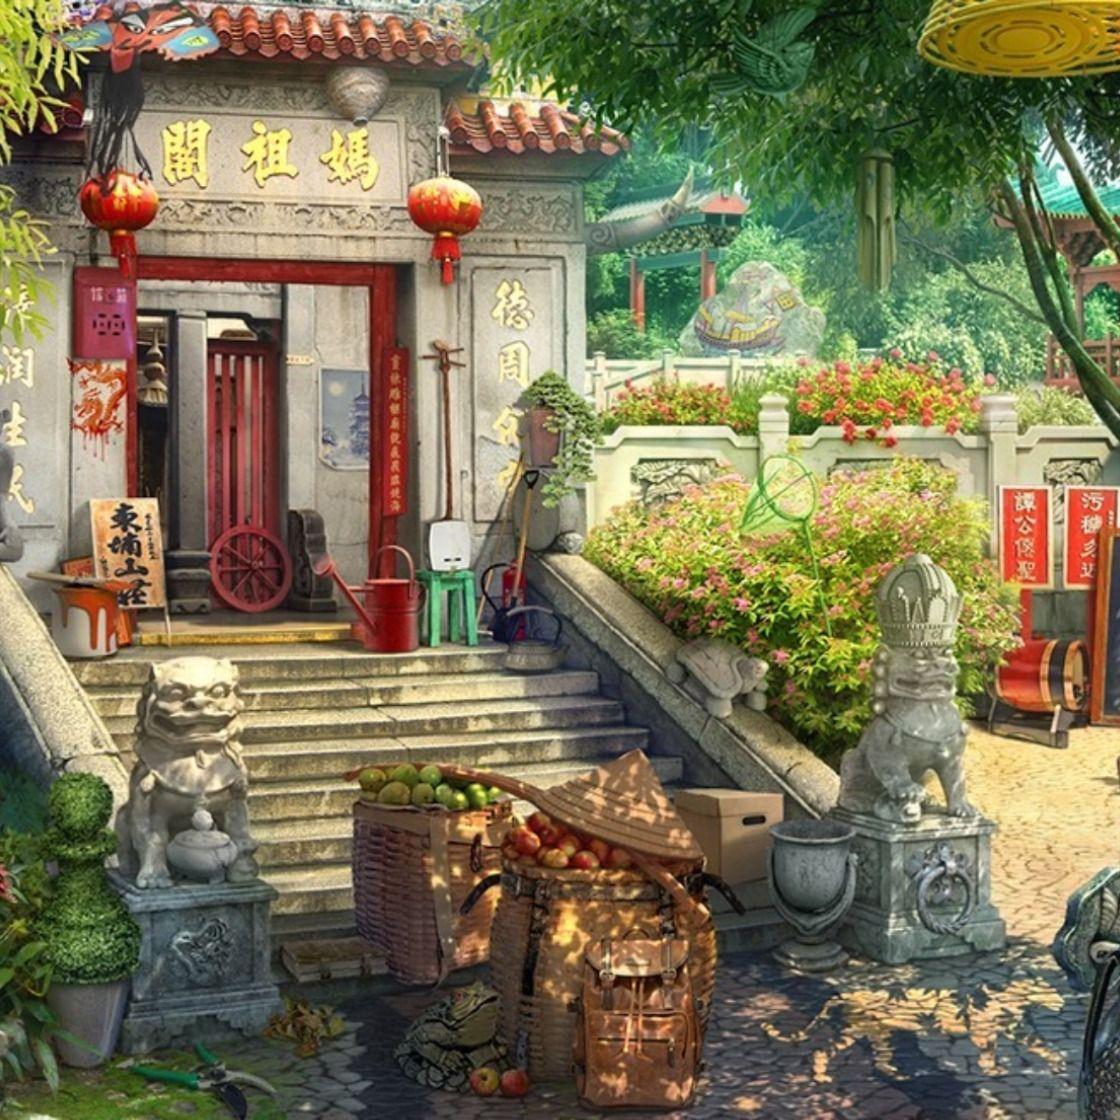 2D environment for hidden objects game in 2020 Hidden